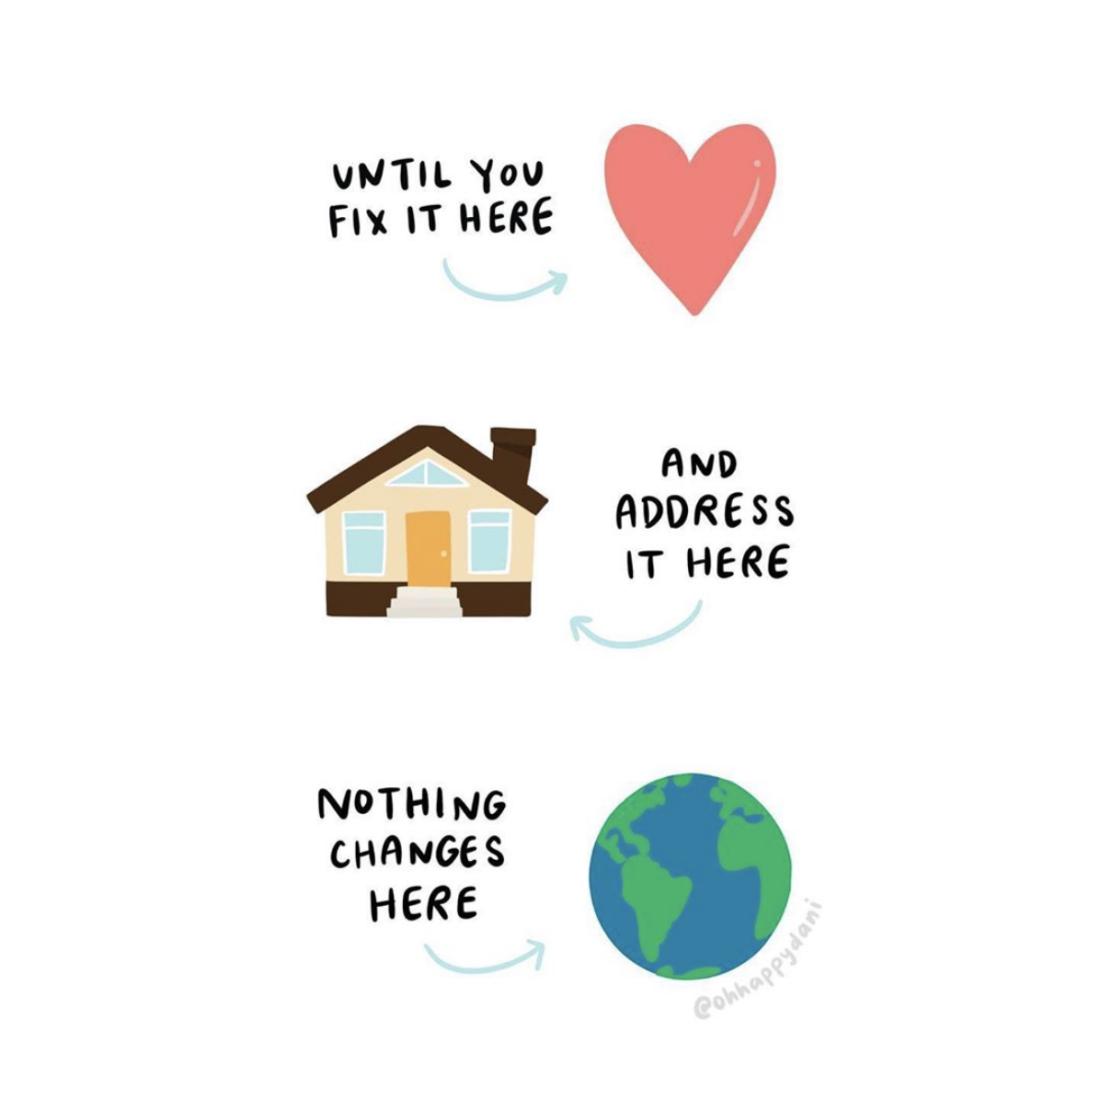 Change your heart @Ohhappydani